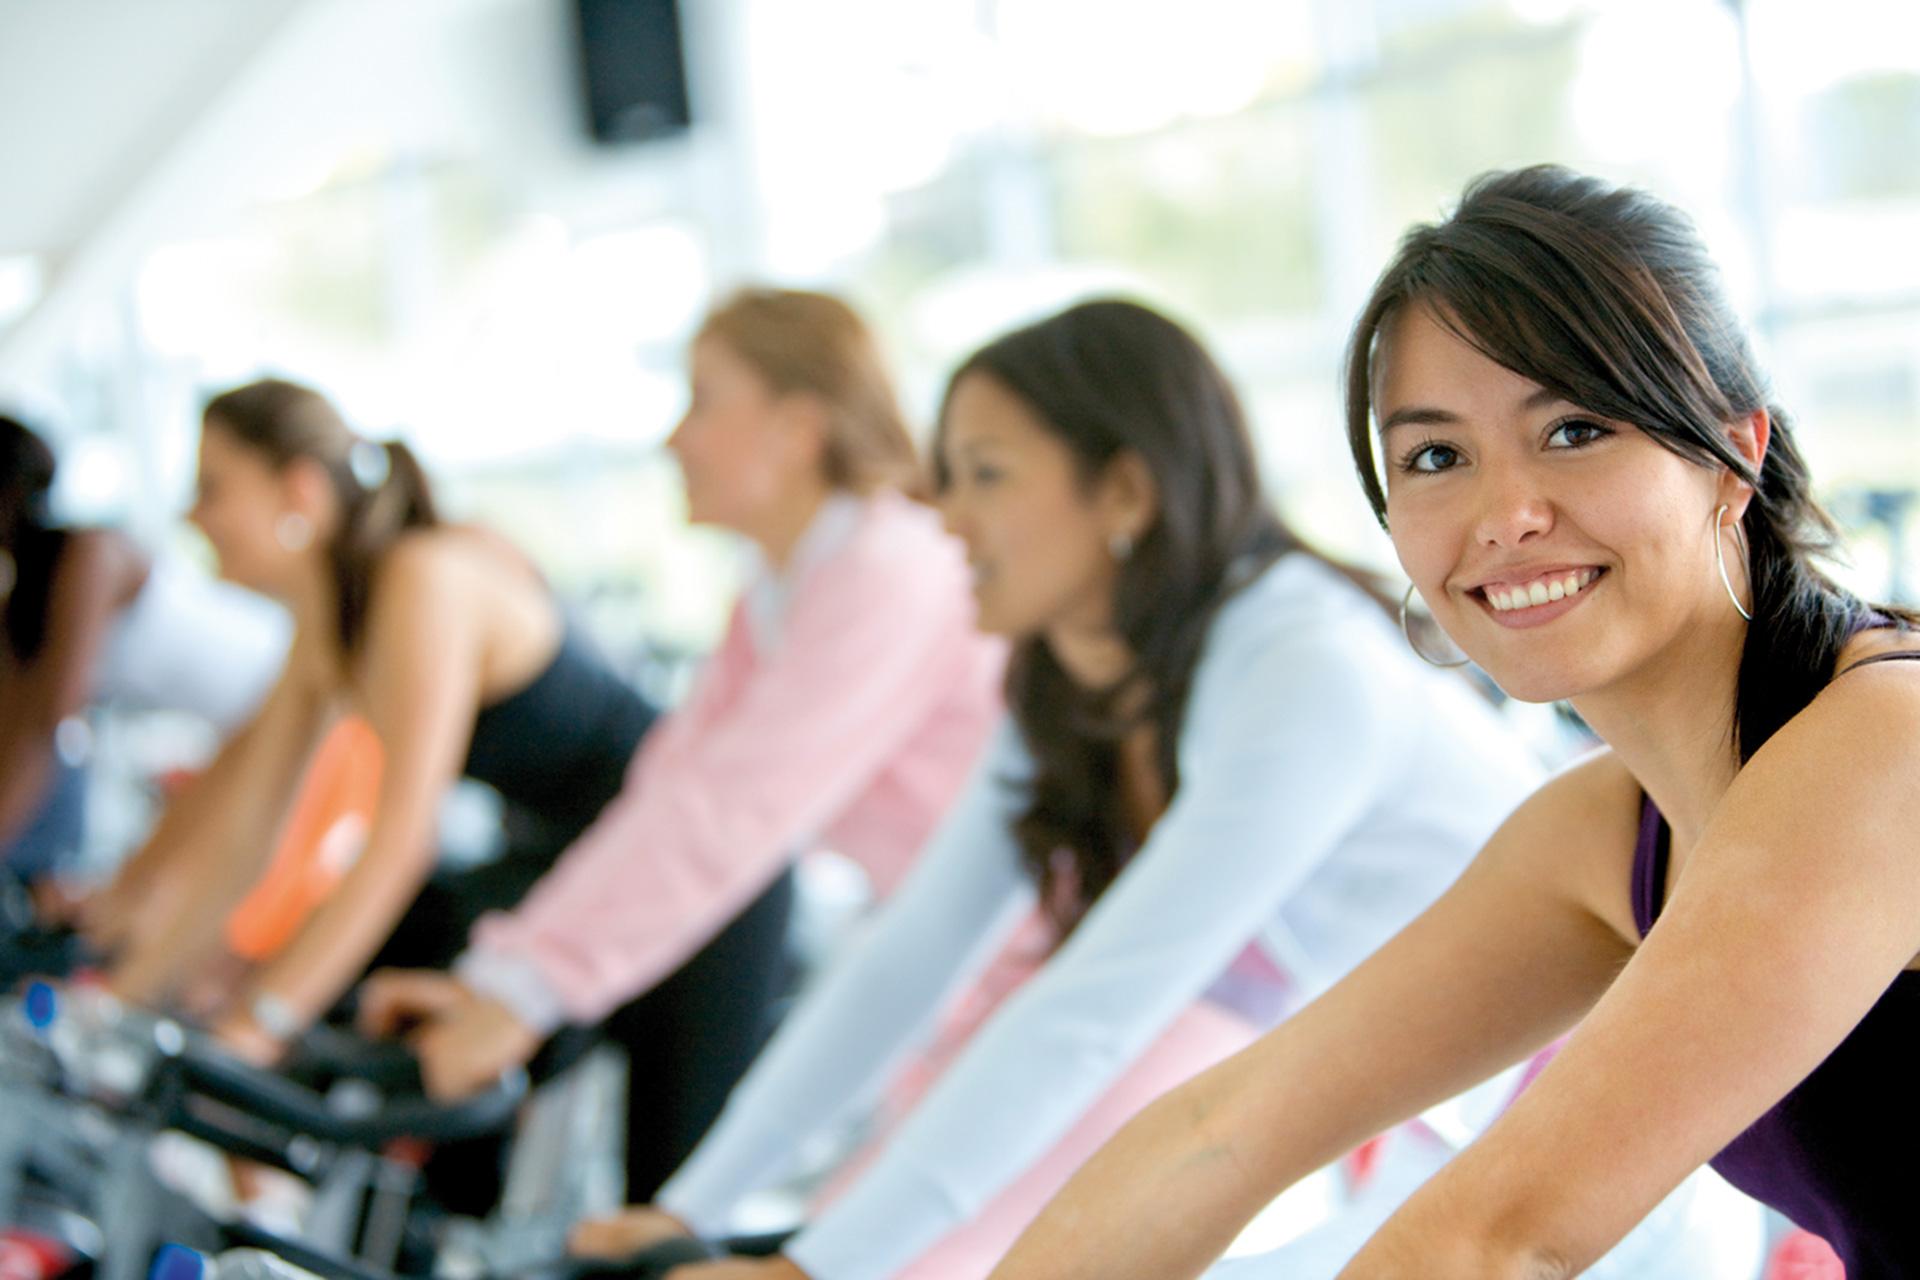 Herzlich willkommen im Zentrum für Fitness und Physiotherapie